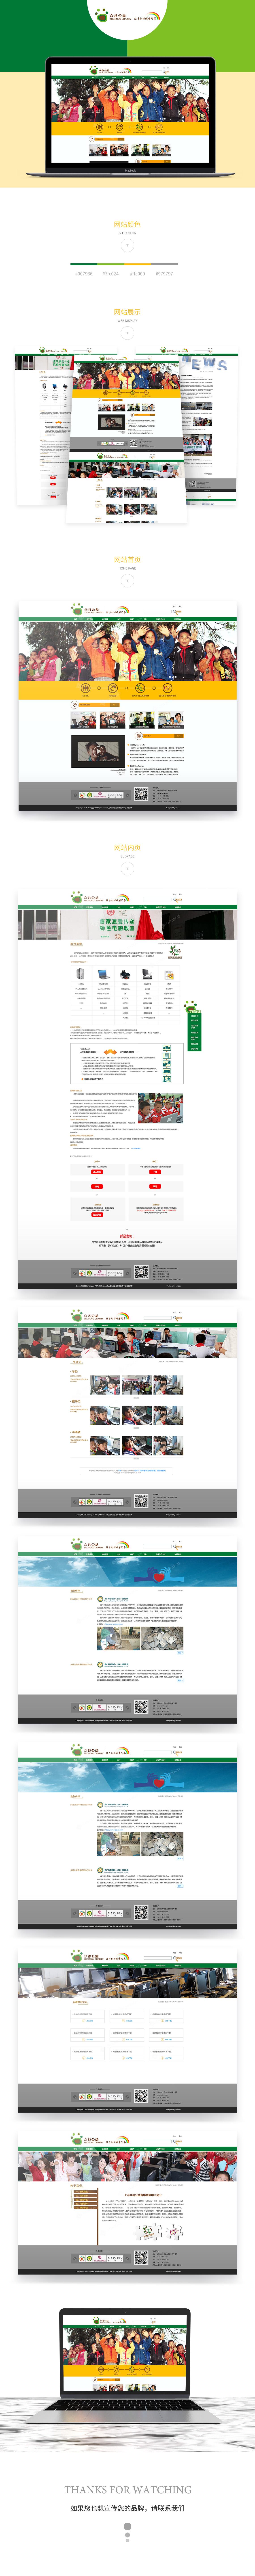 公司网站建设案例之众谷公益青年发展中心